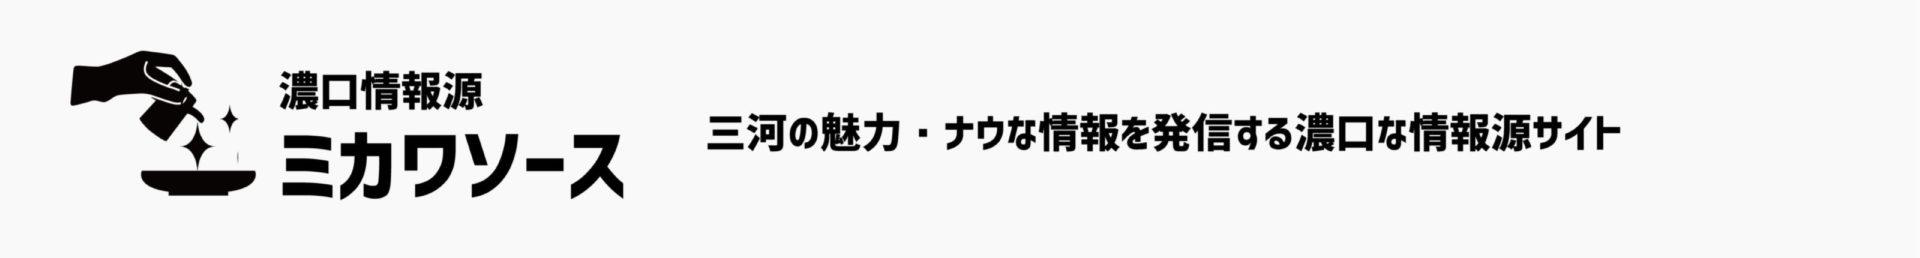 濃口情報源「ミカワソース」